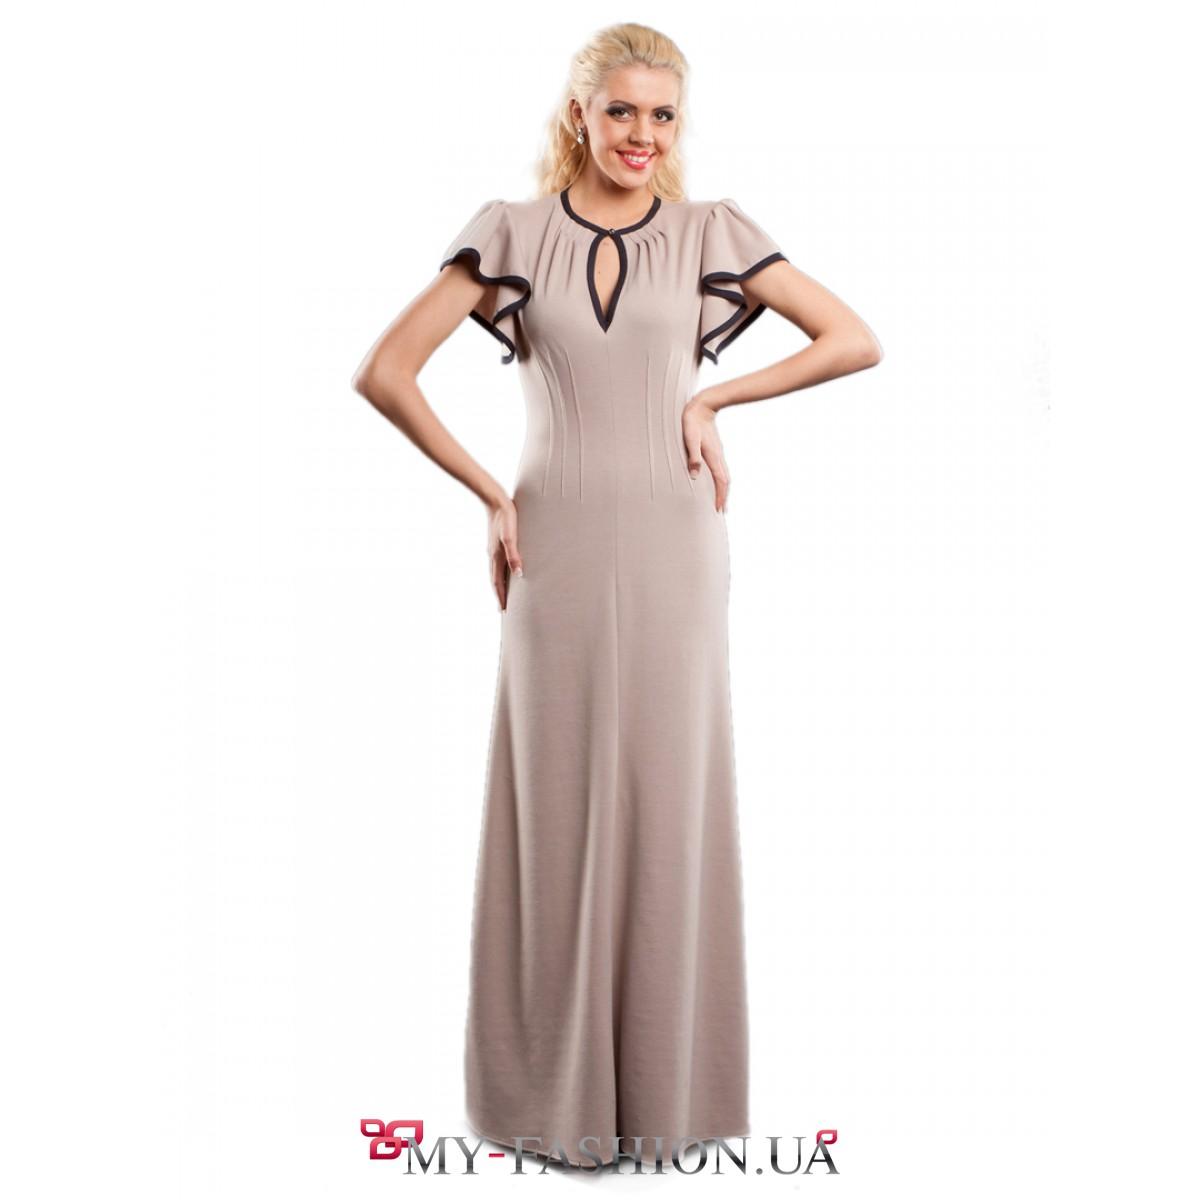 Вечернее платье с воланами на рукавах